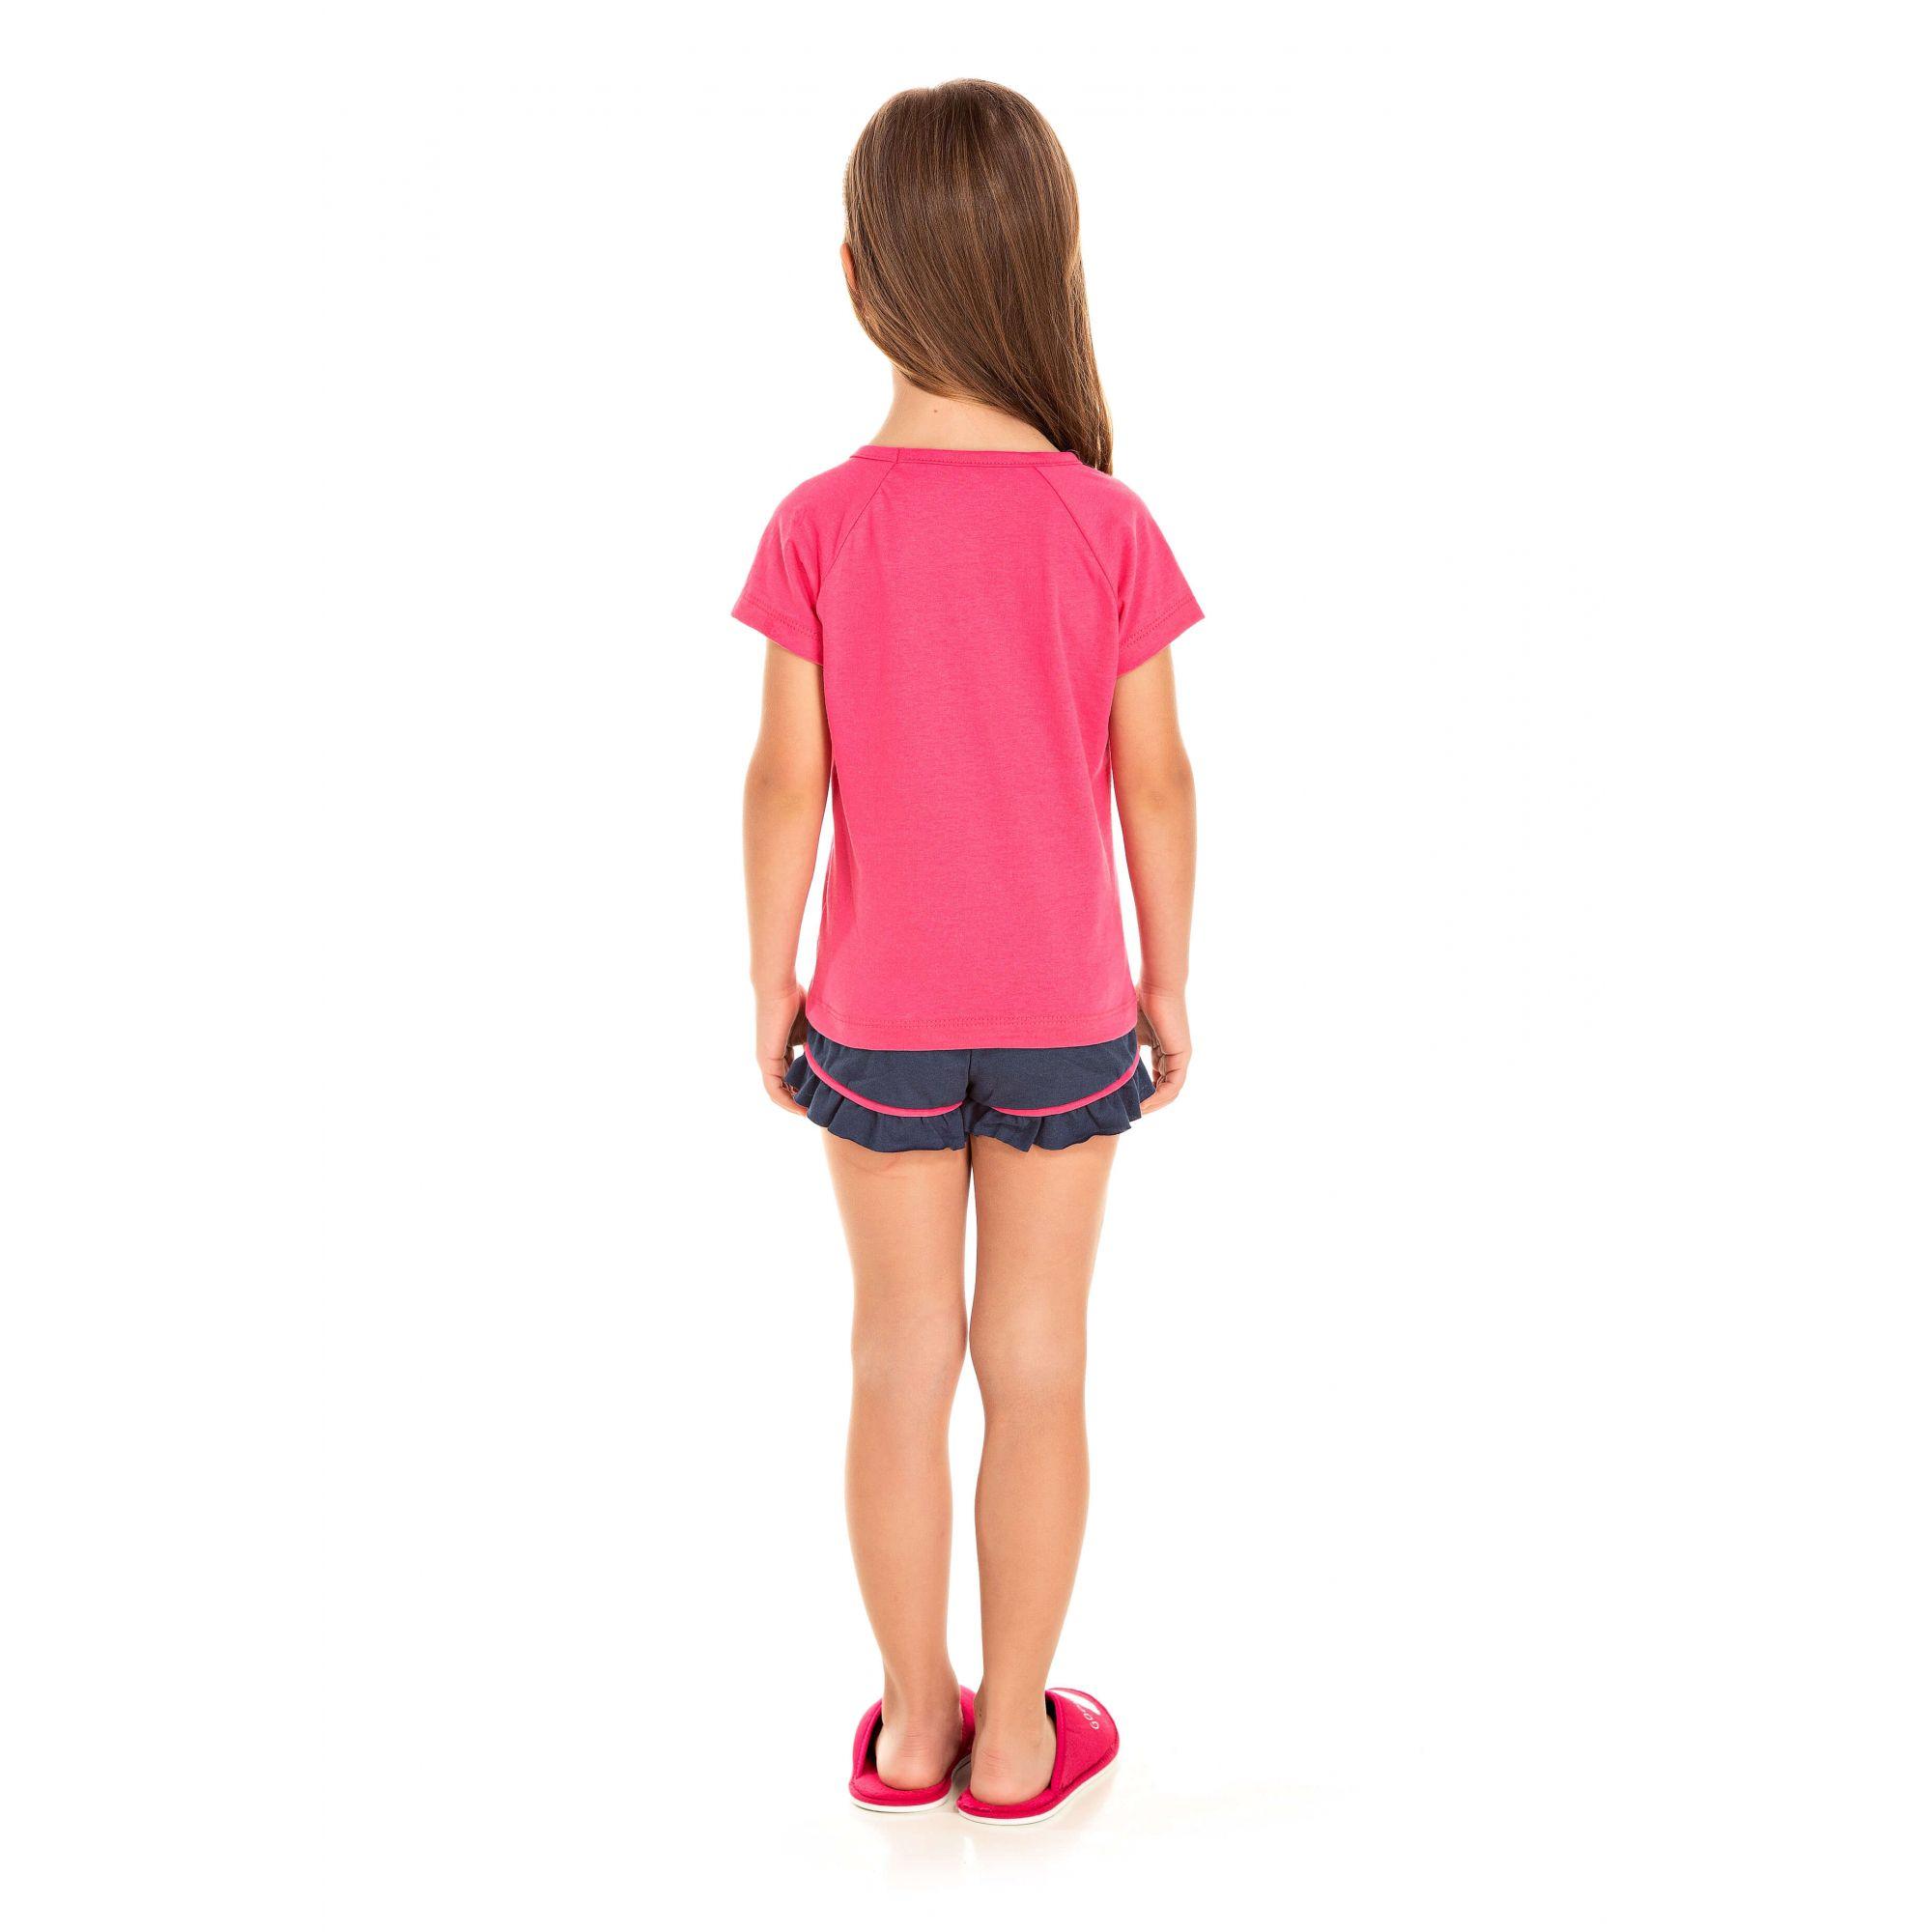 104/F - Short Doll Infantil Feminino Gatinho Zzz - Pink